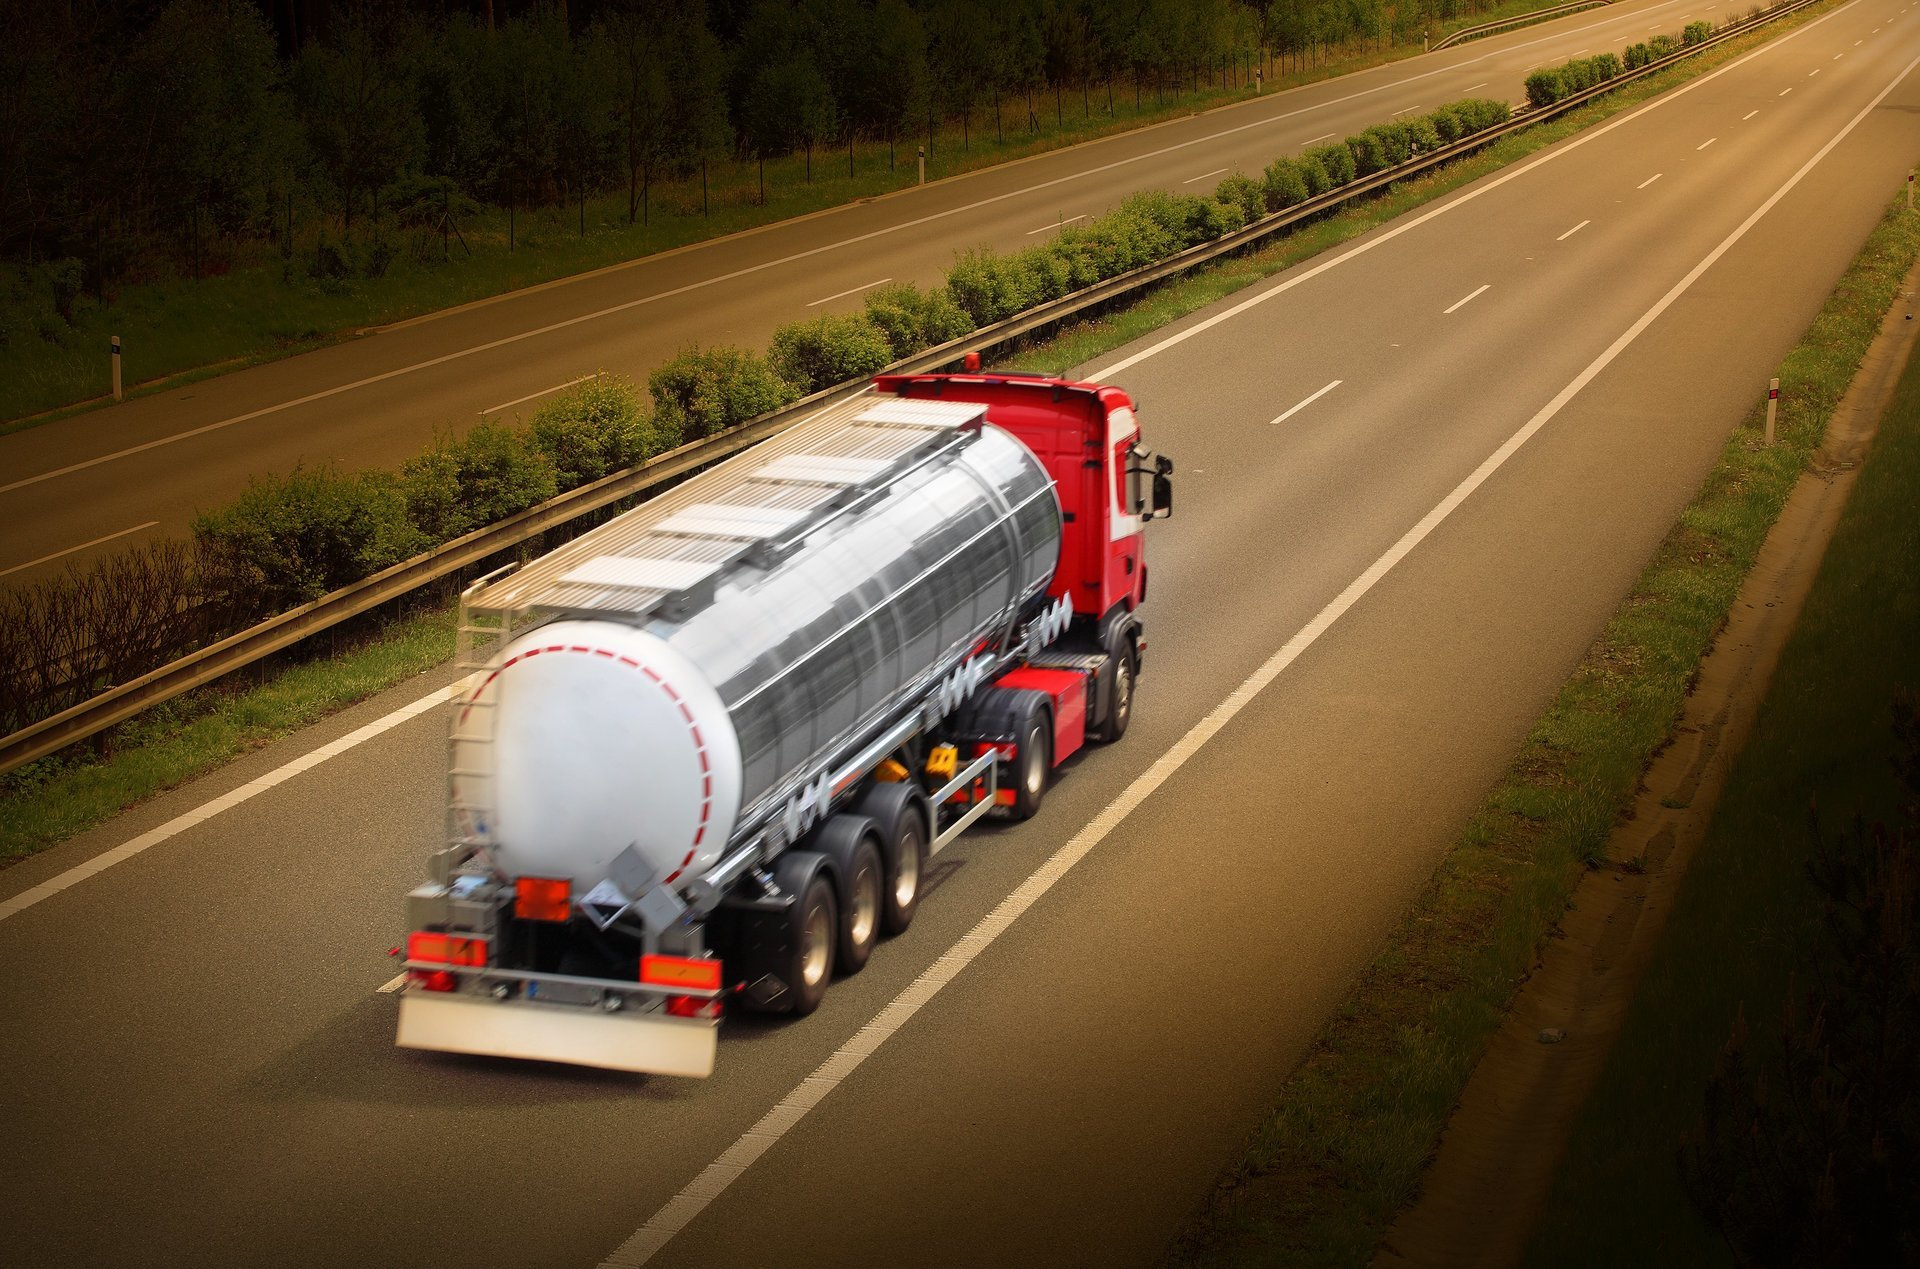 rifornimento carburante in un auto